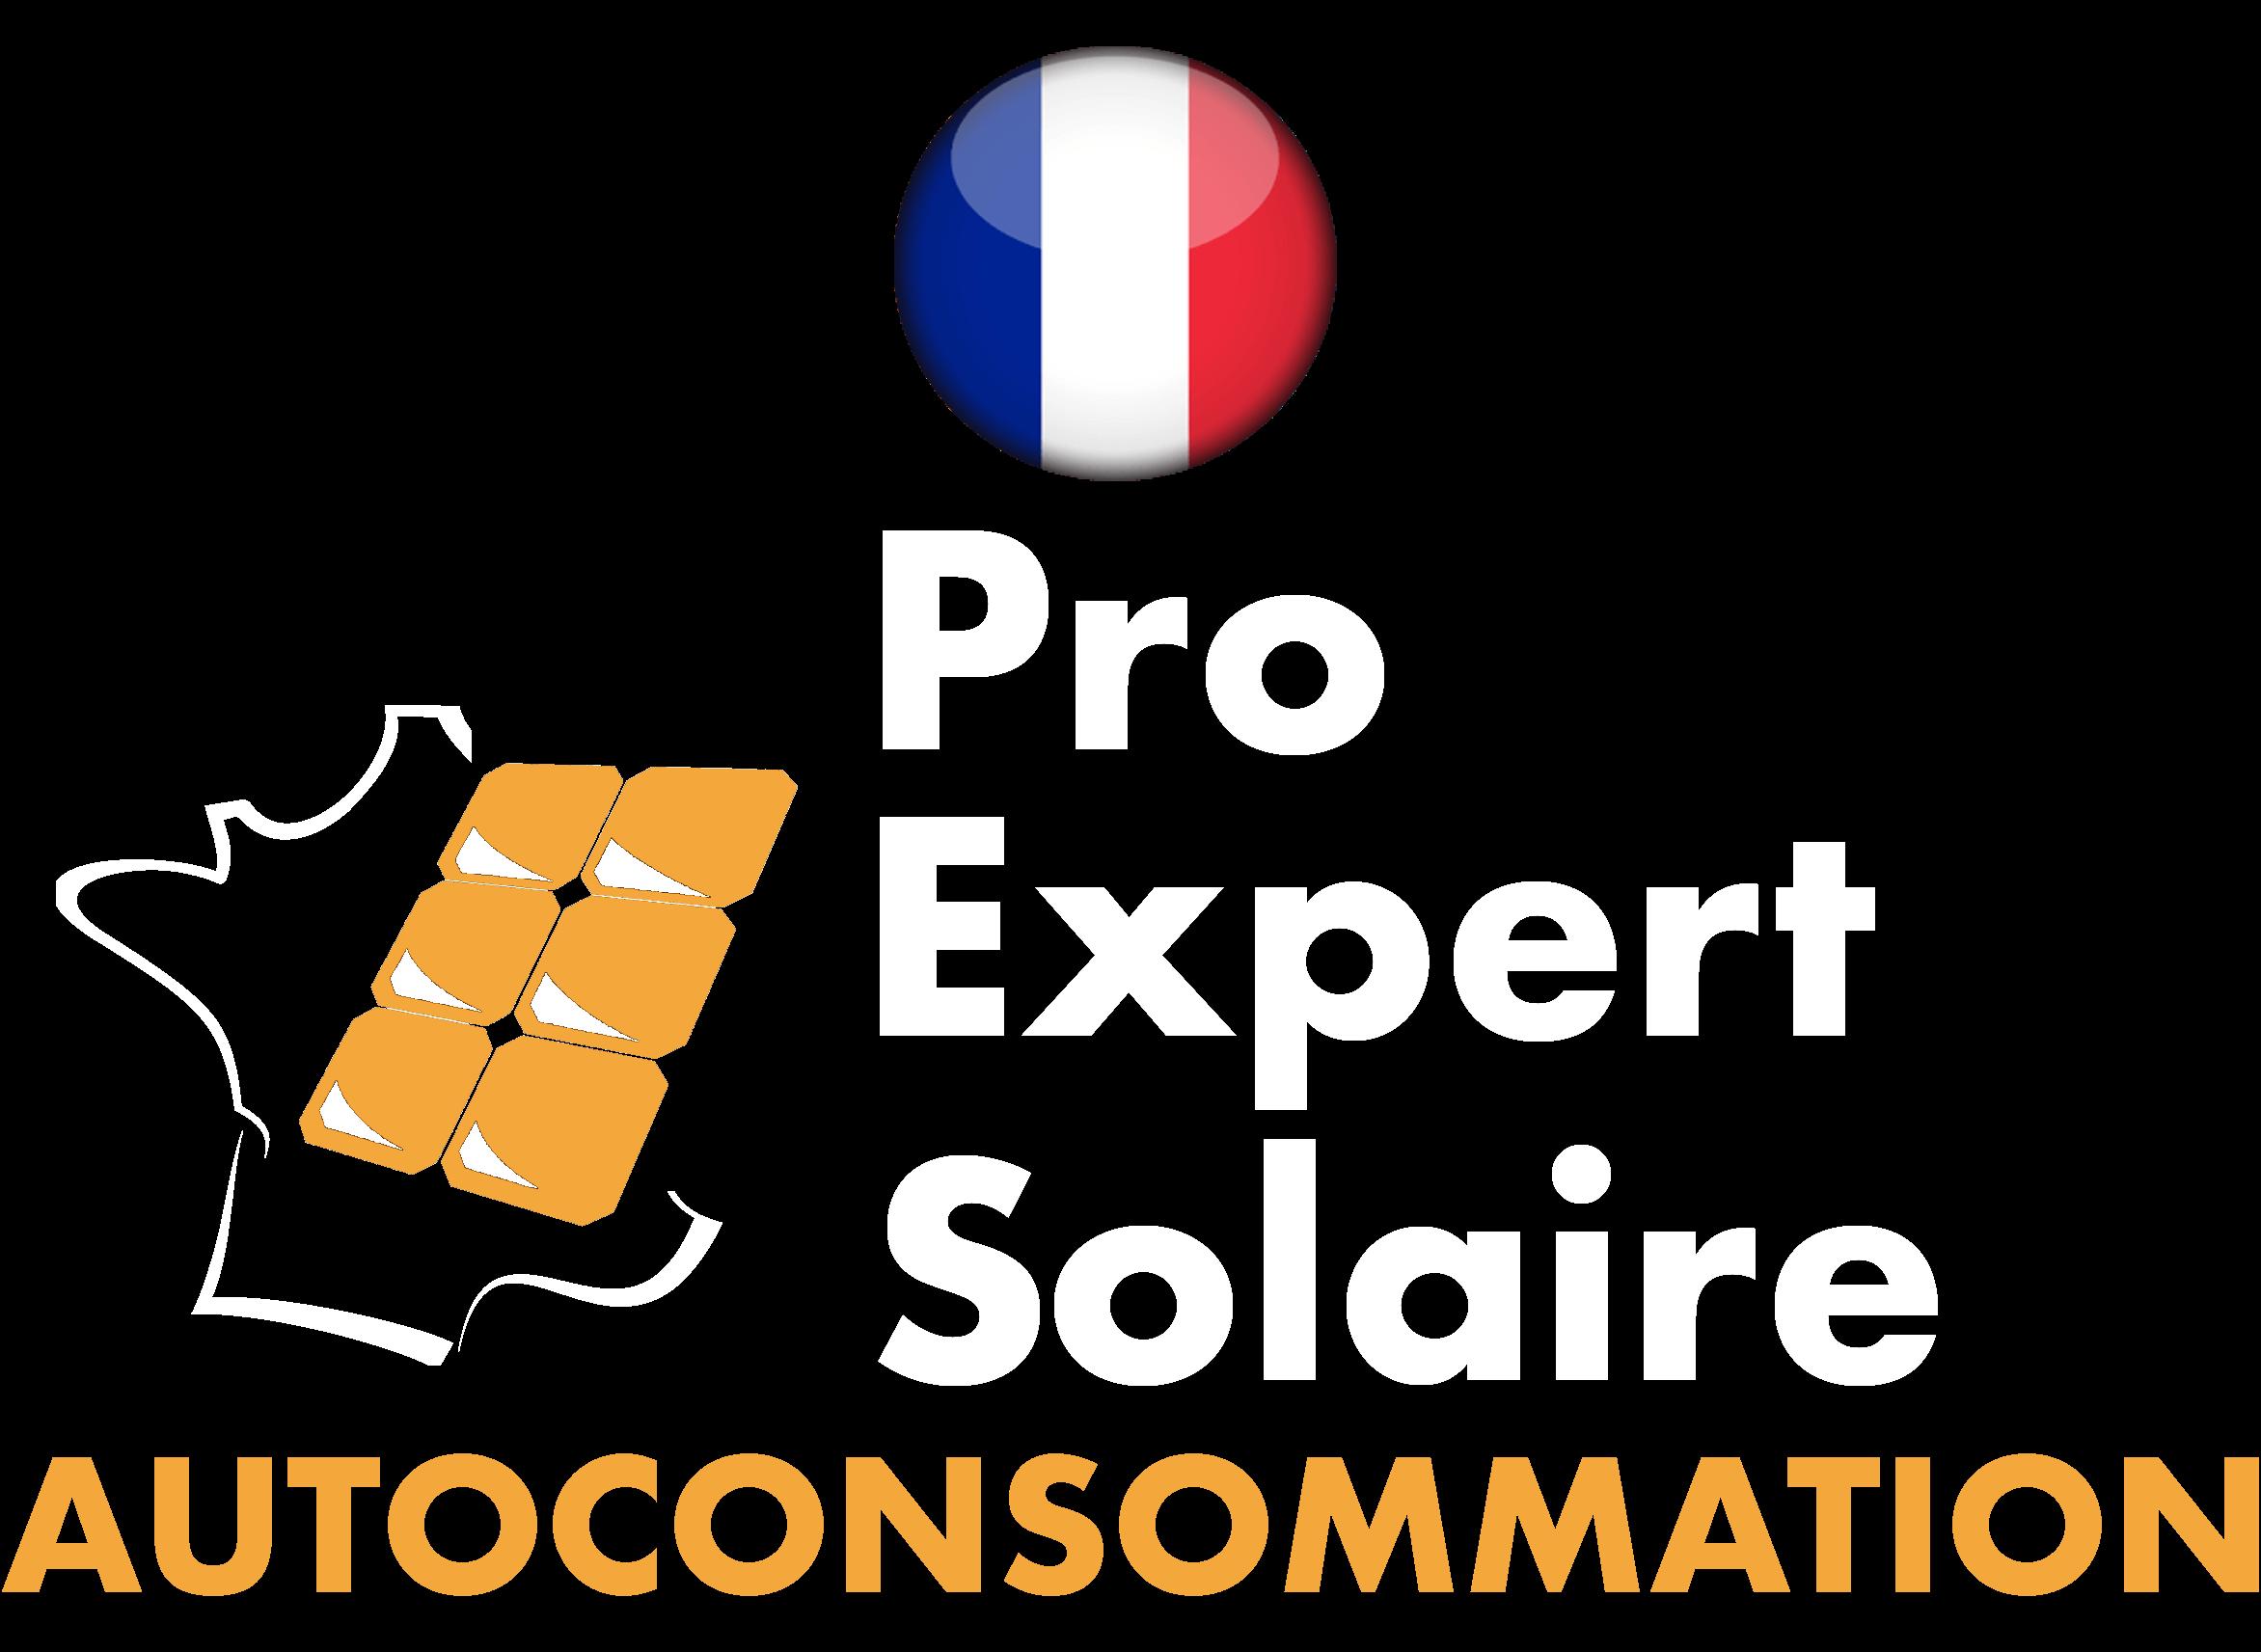 Pro Expert Solaire Autoconsommation